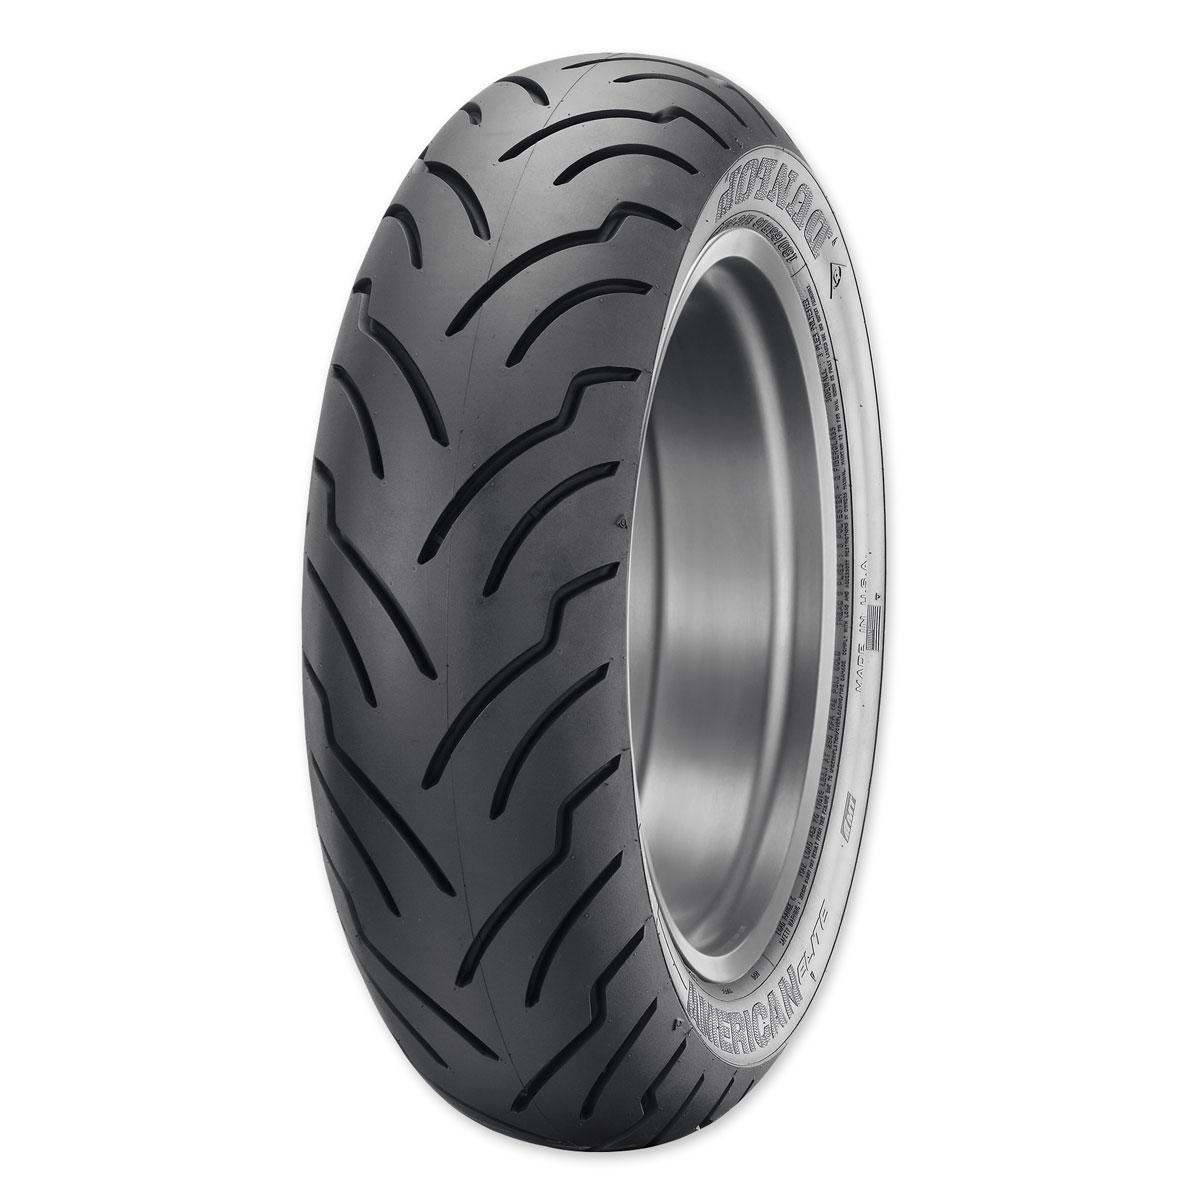 Dunlop American Elite 150/80B16 77H Rear Tire